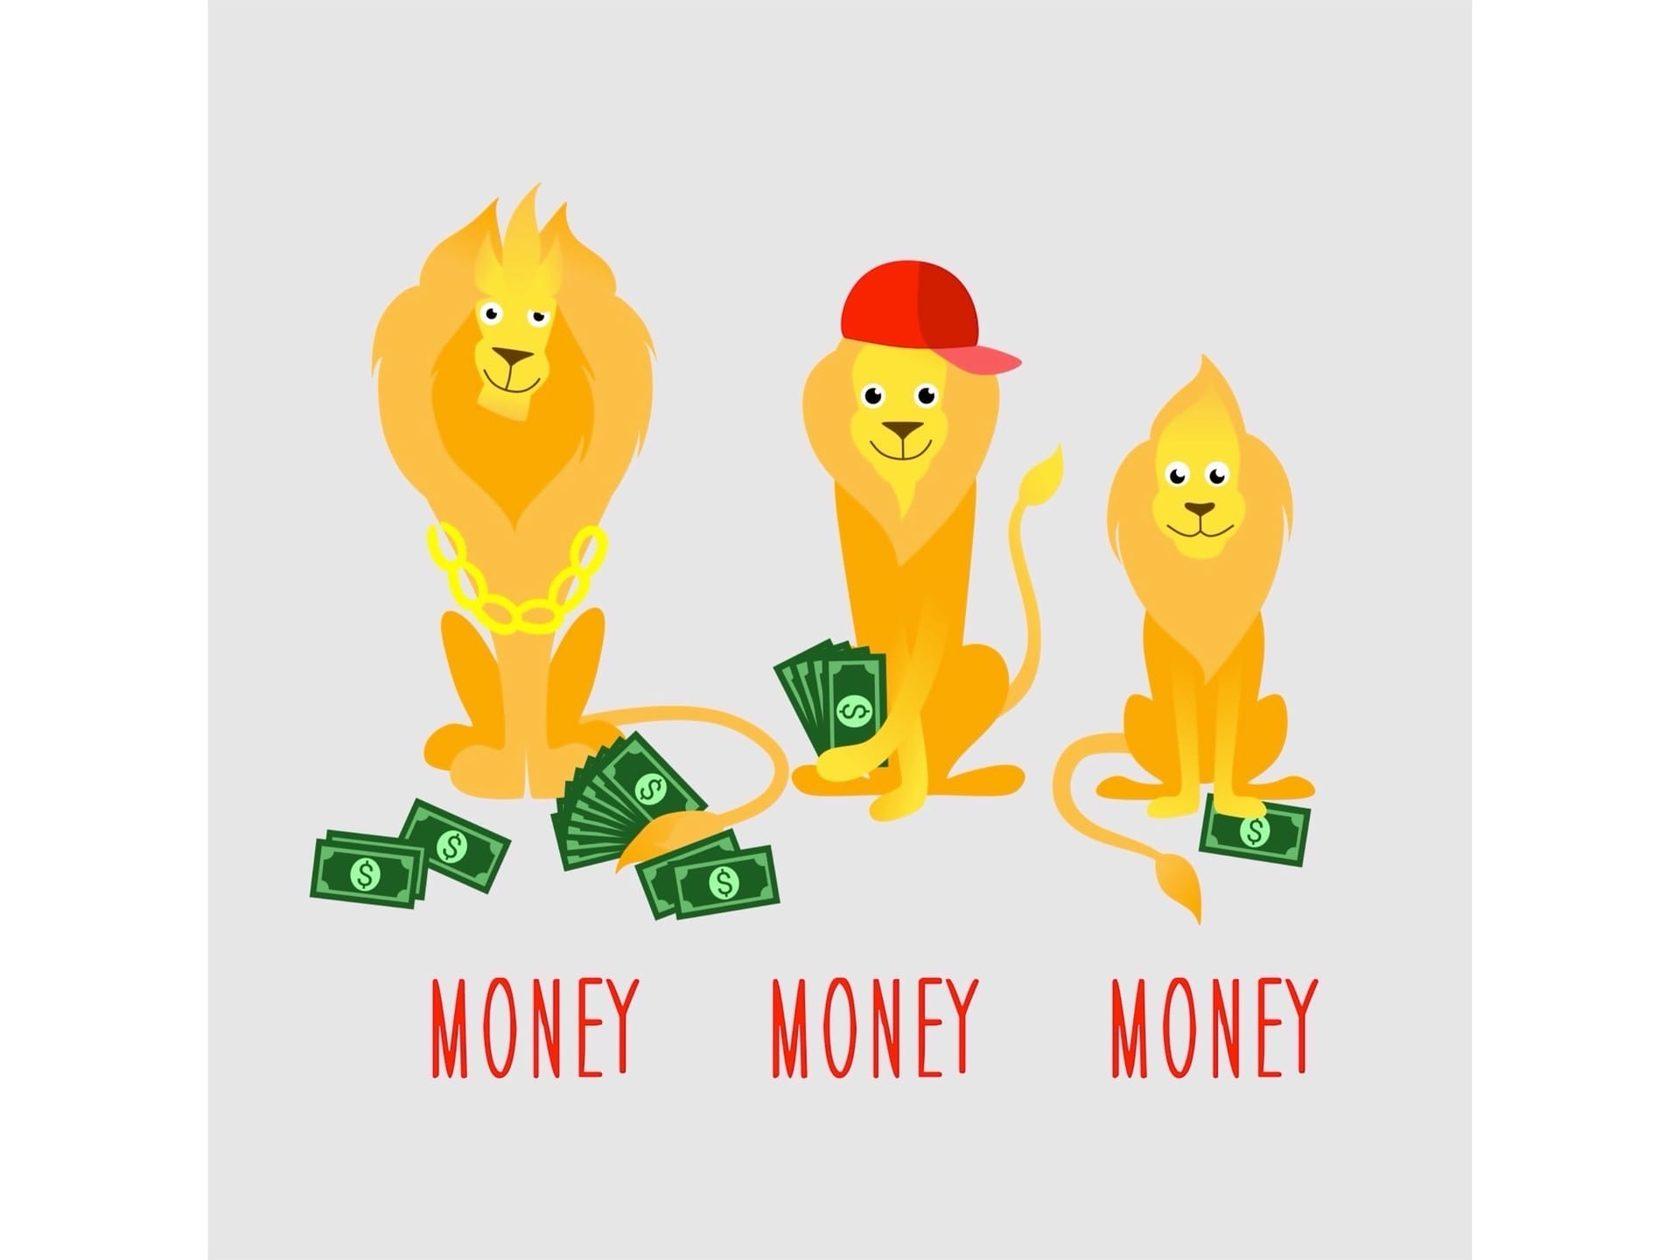 Львы считают деньги и учат математику